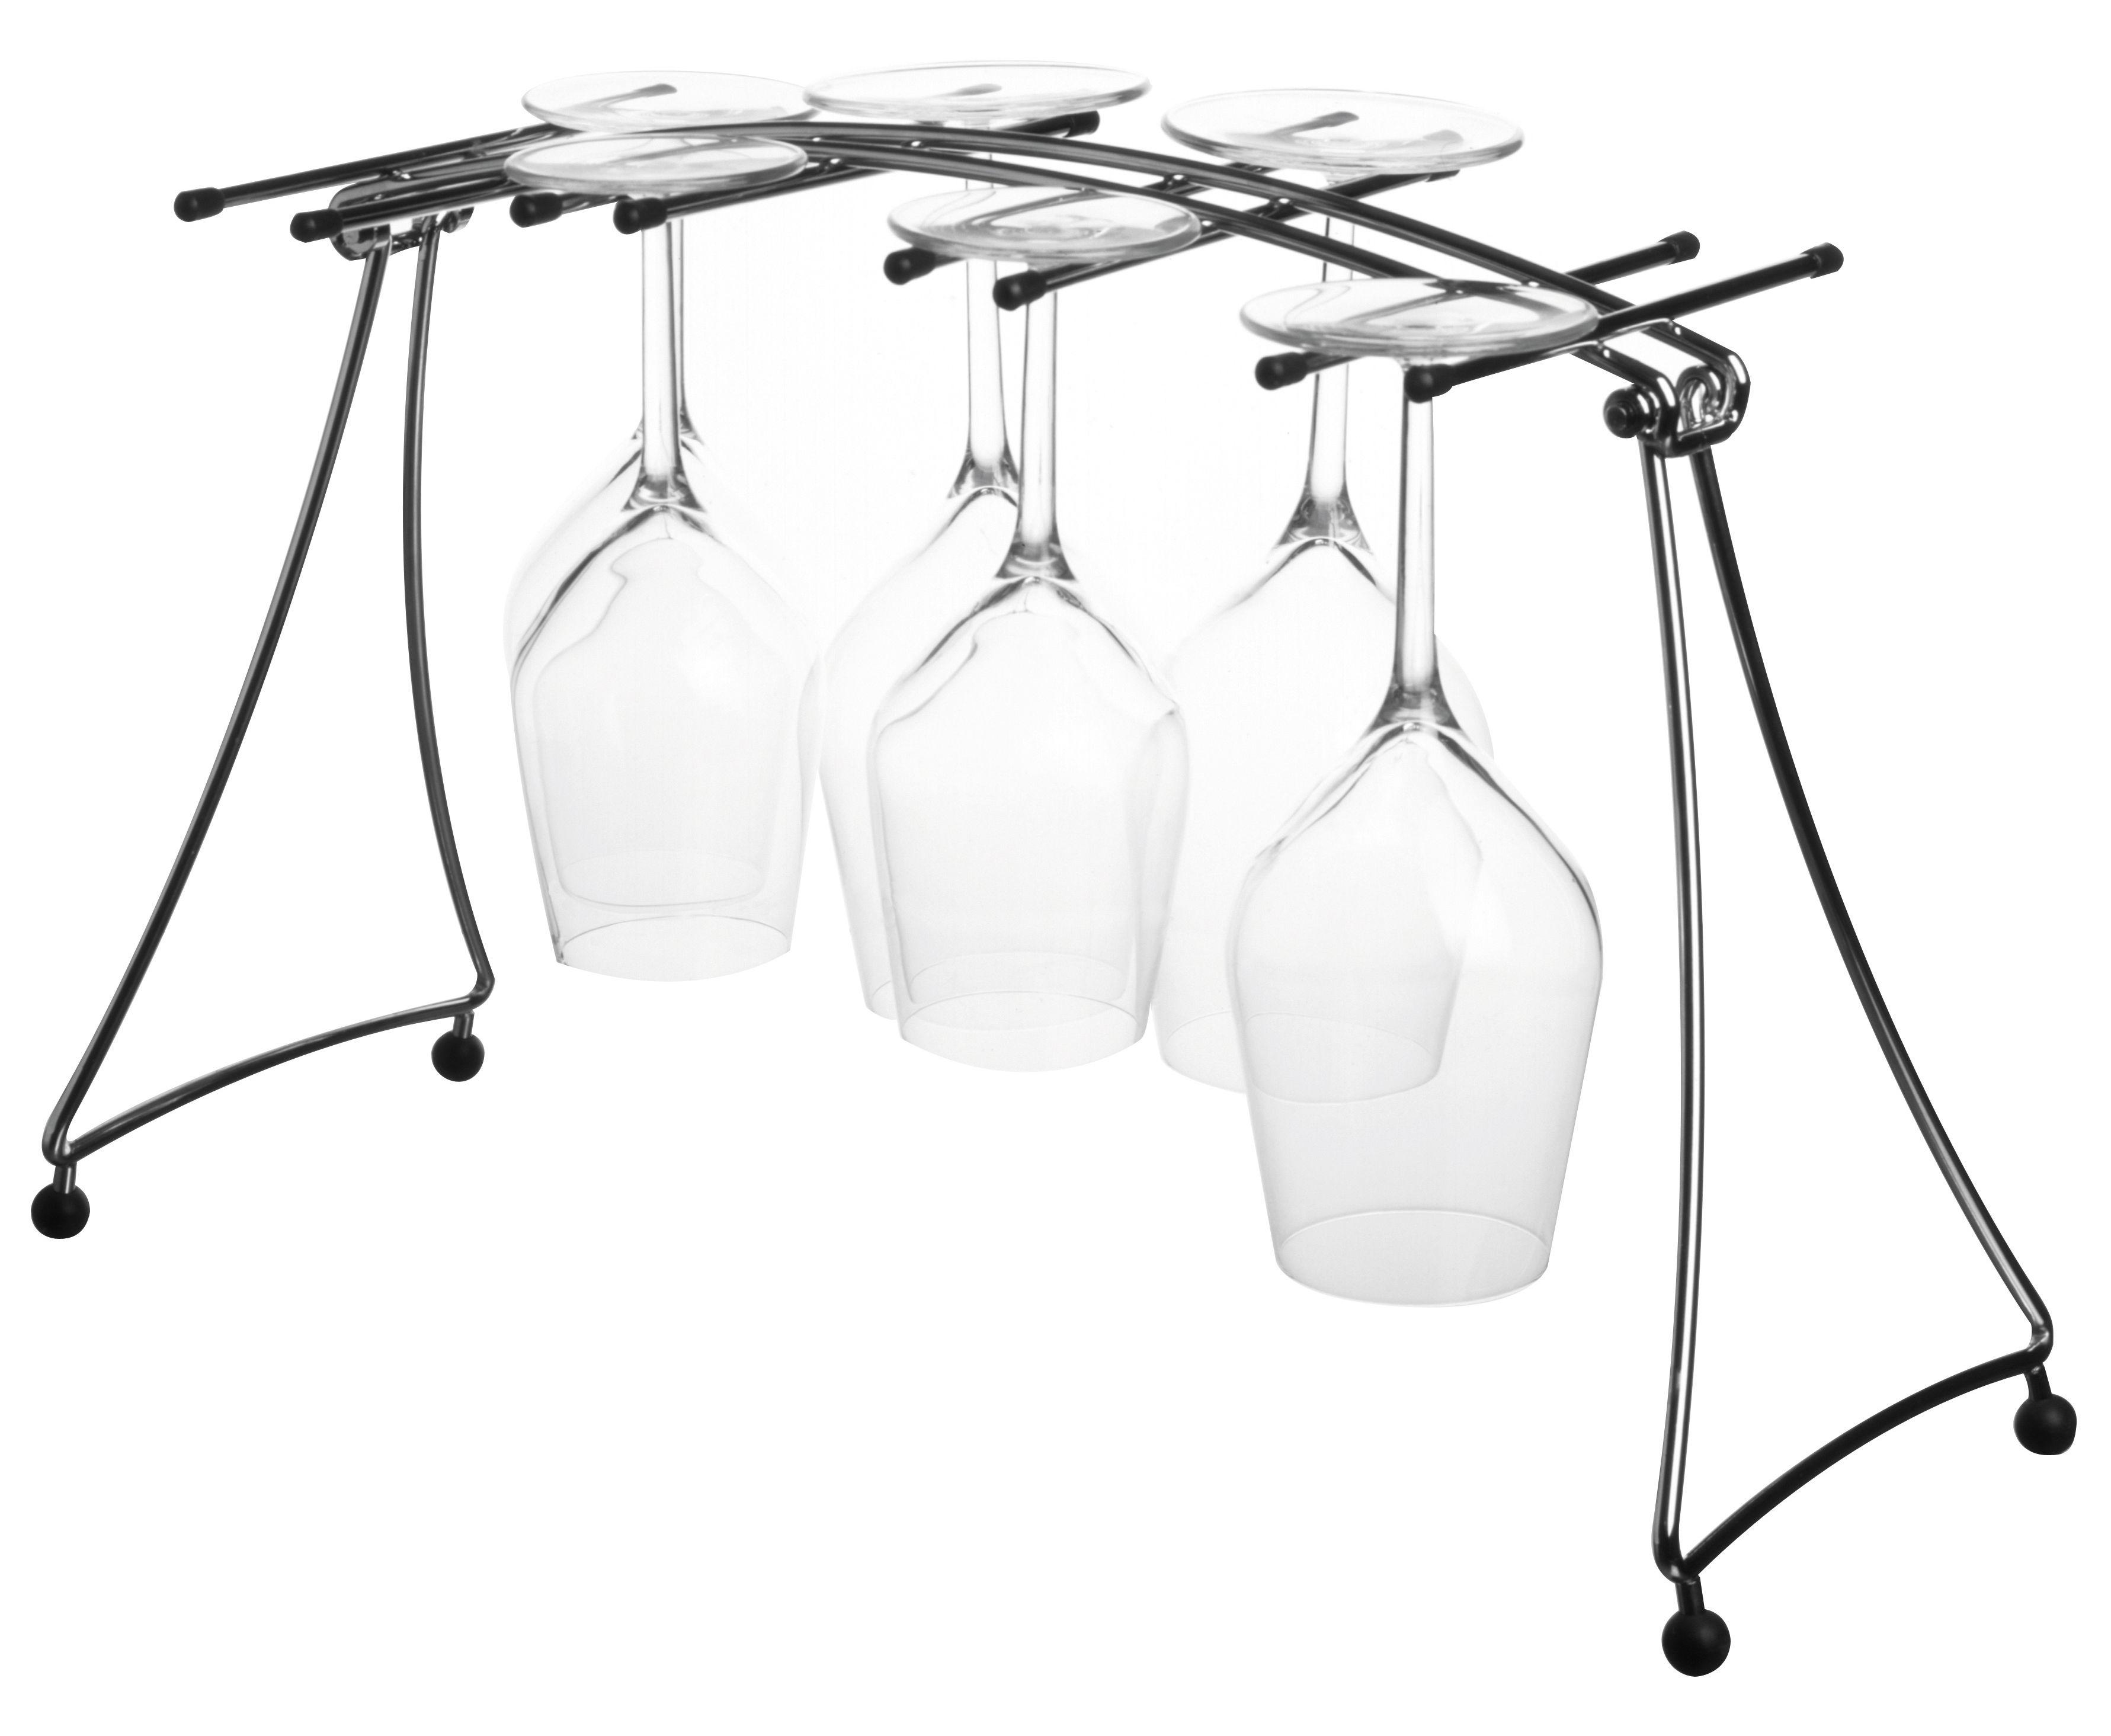 Cucina - Pratici e intelligenti - Scolapiatti - per bicchieri da vino - Pieghevole di L'Atelier du Vin - Metallo / nero - Gomma, Metallo